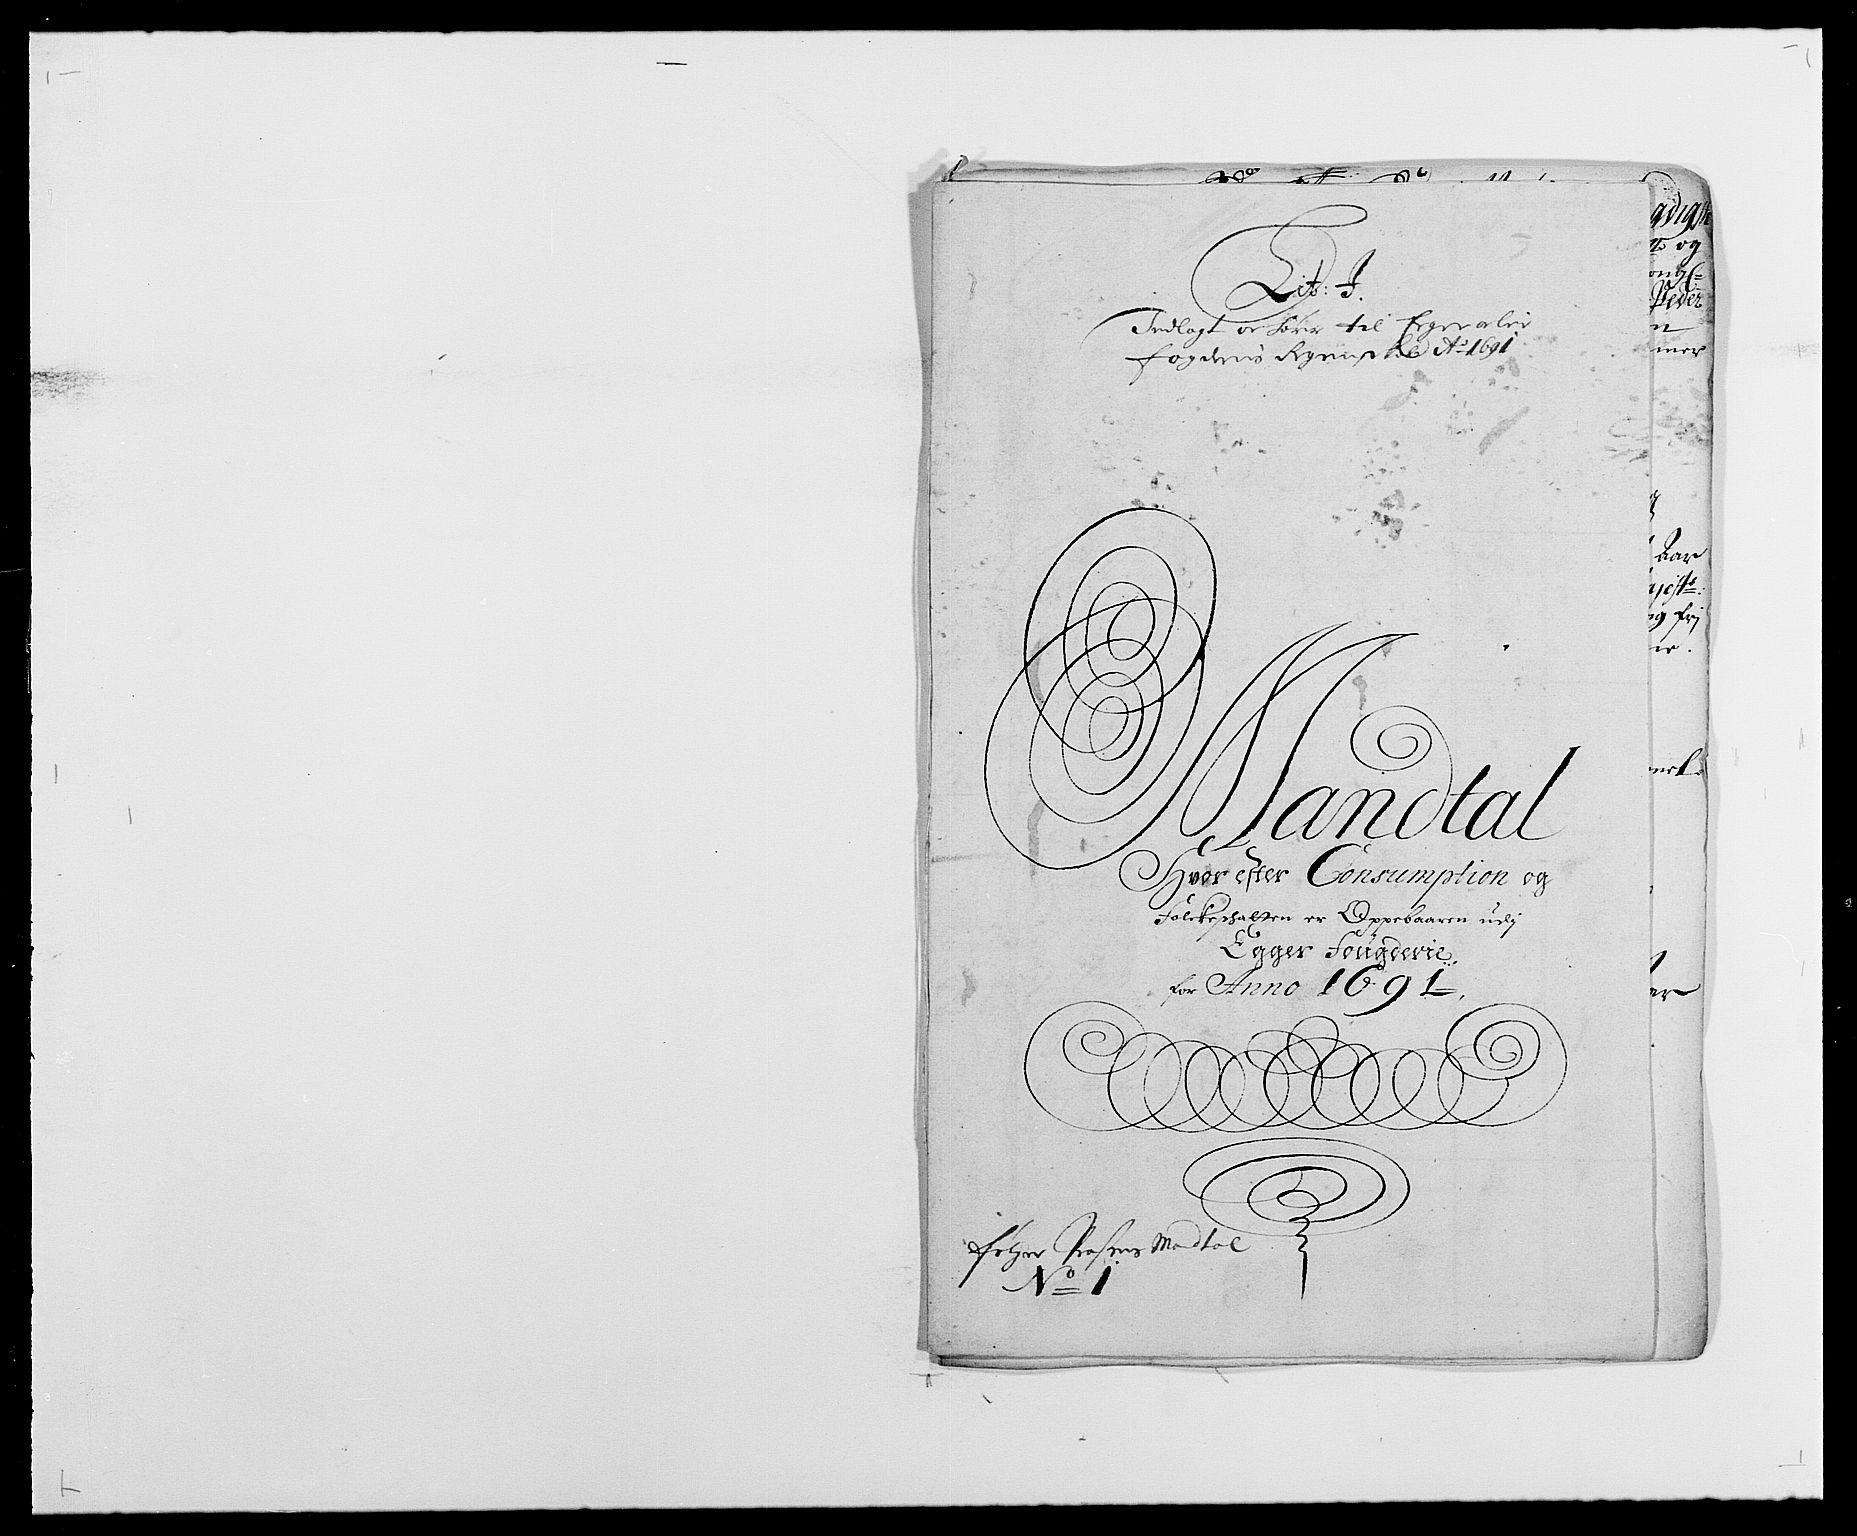 RA, Rentekammeret inntil 1814, Reviderte regnskaper, Fogderegnskap, R28/L1689: Fogderegnskap Eiker og Lier, 1690-1691, s. 295